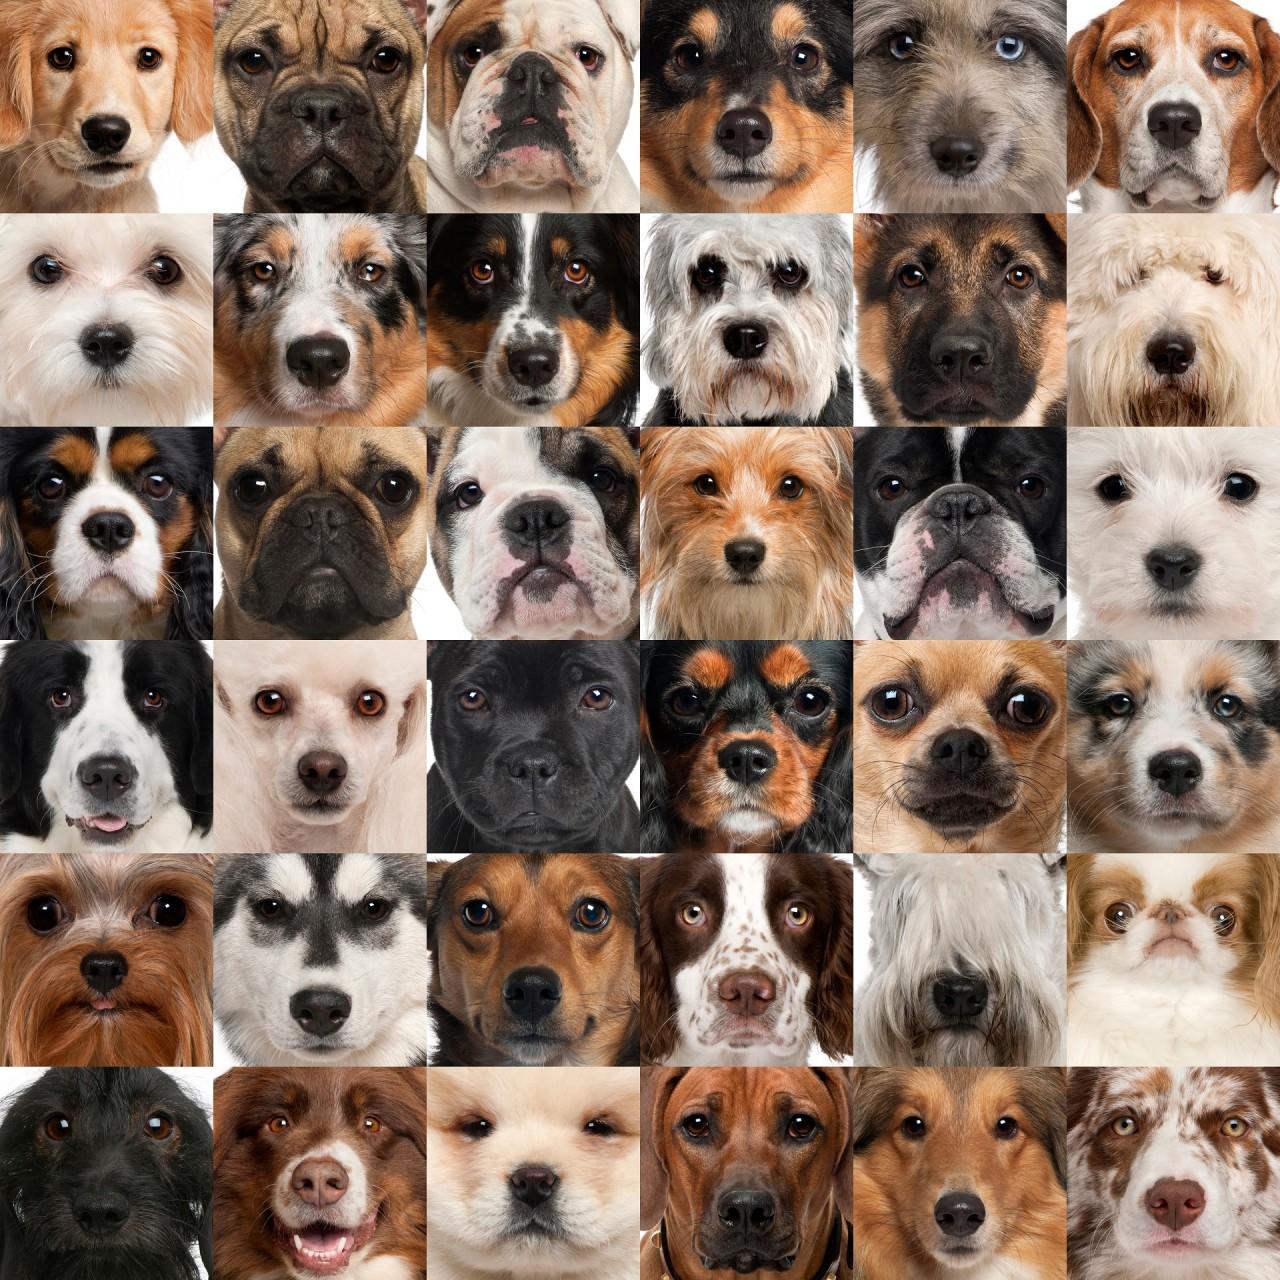 Самые маленькие породы служебных собак, Маленькие пород собаки для ребенка, Самые популярные маленькие породы собак, Самые ласковые и добрые породы домашних собак, Лучшие породы маленьких собак для дома.